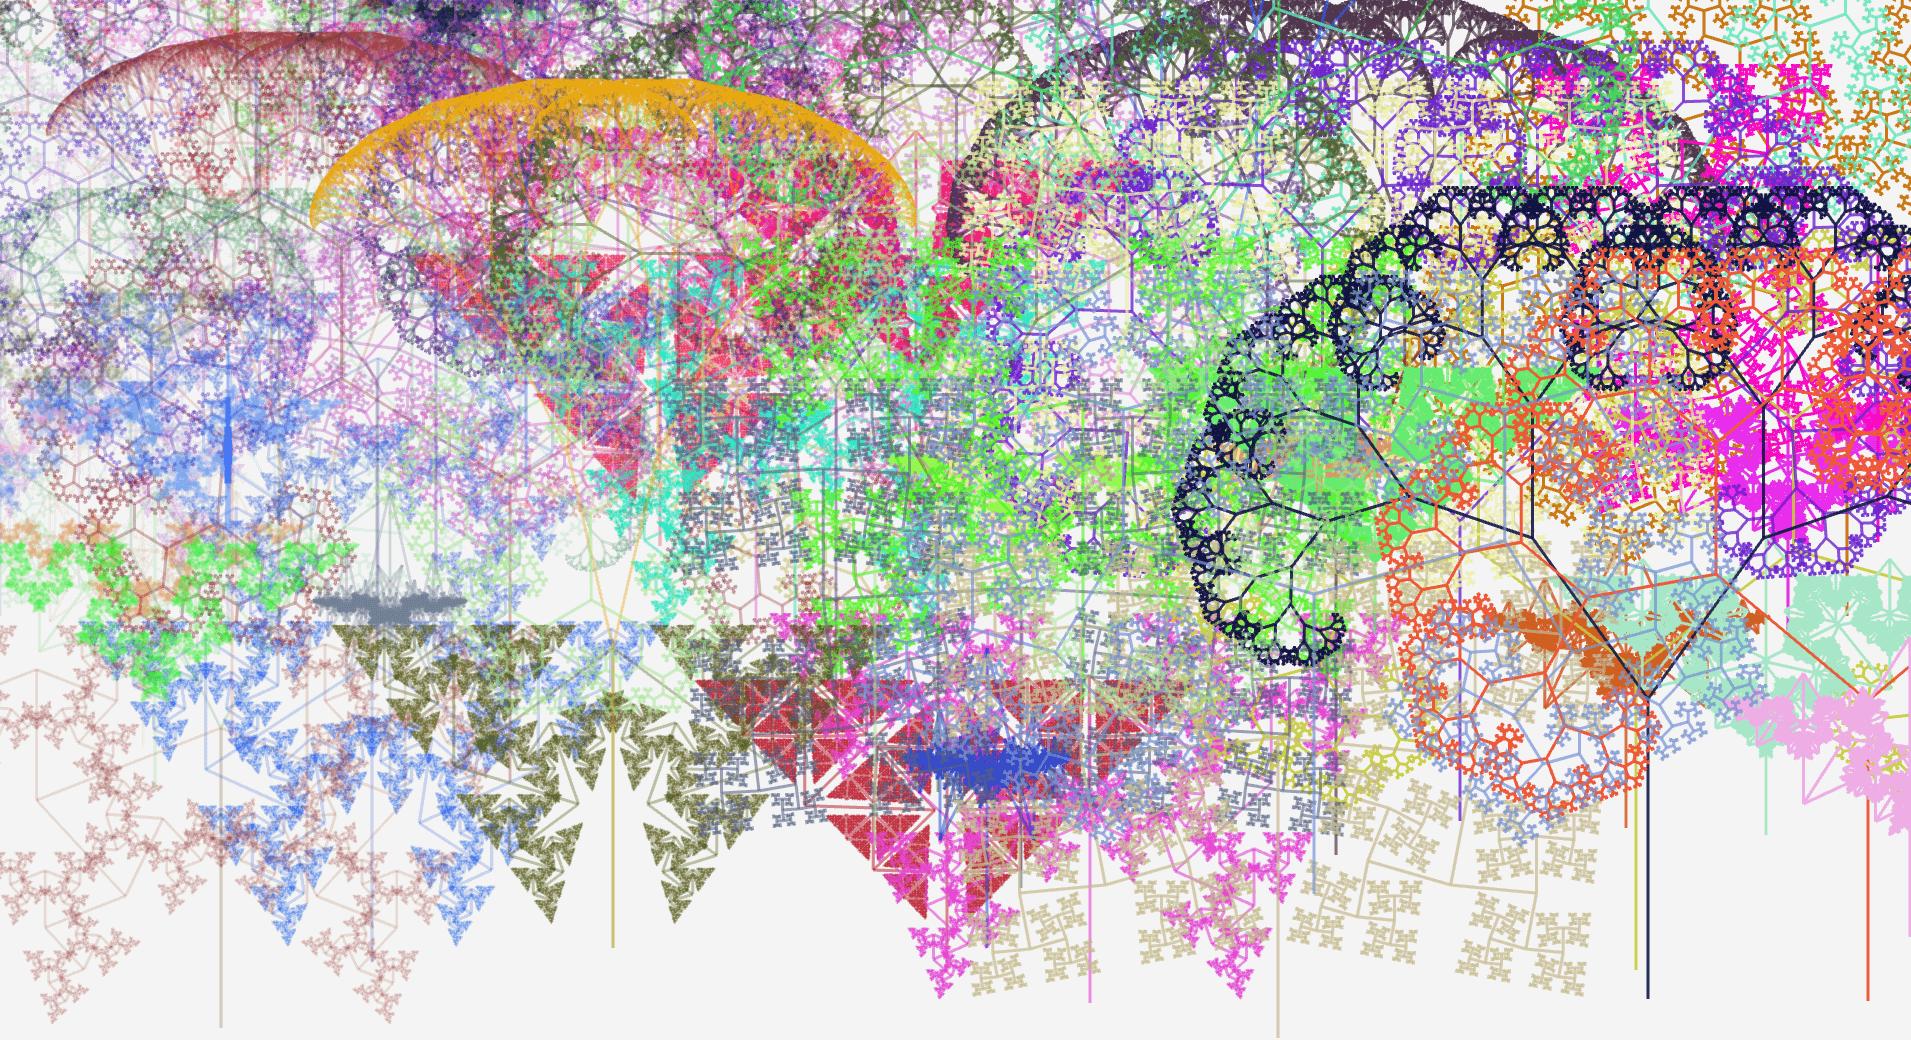 Solon 3](project1/solon/Screenshot3_small.png)